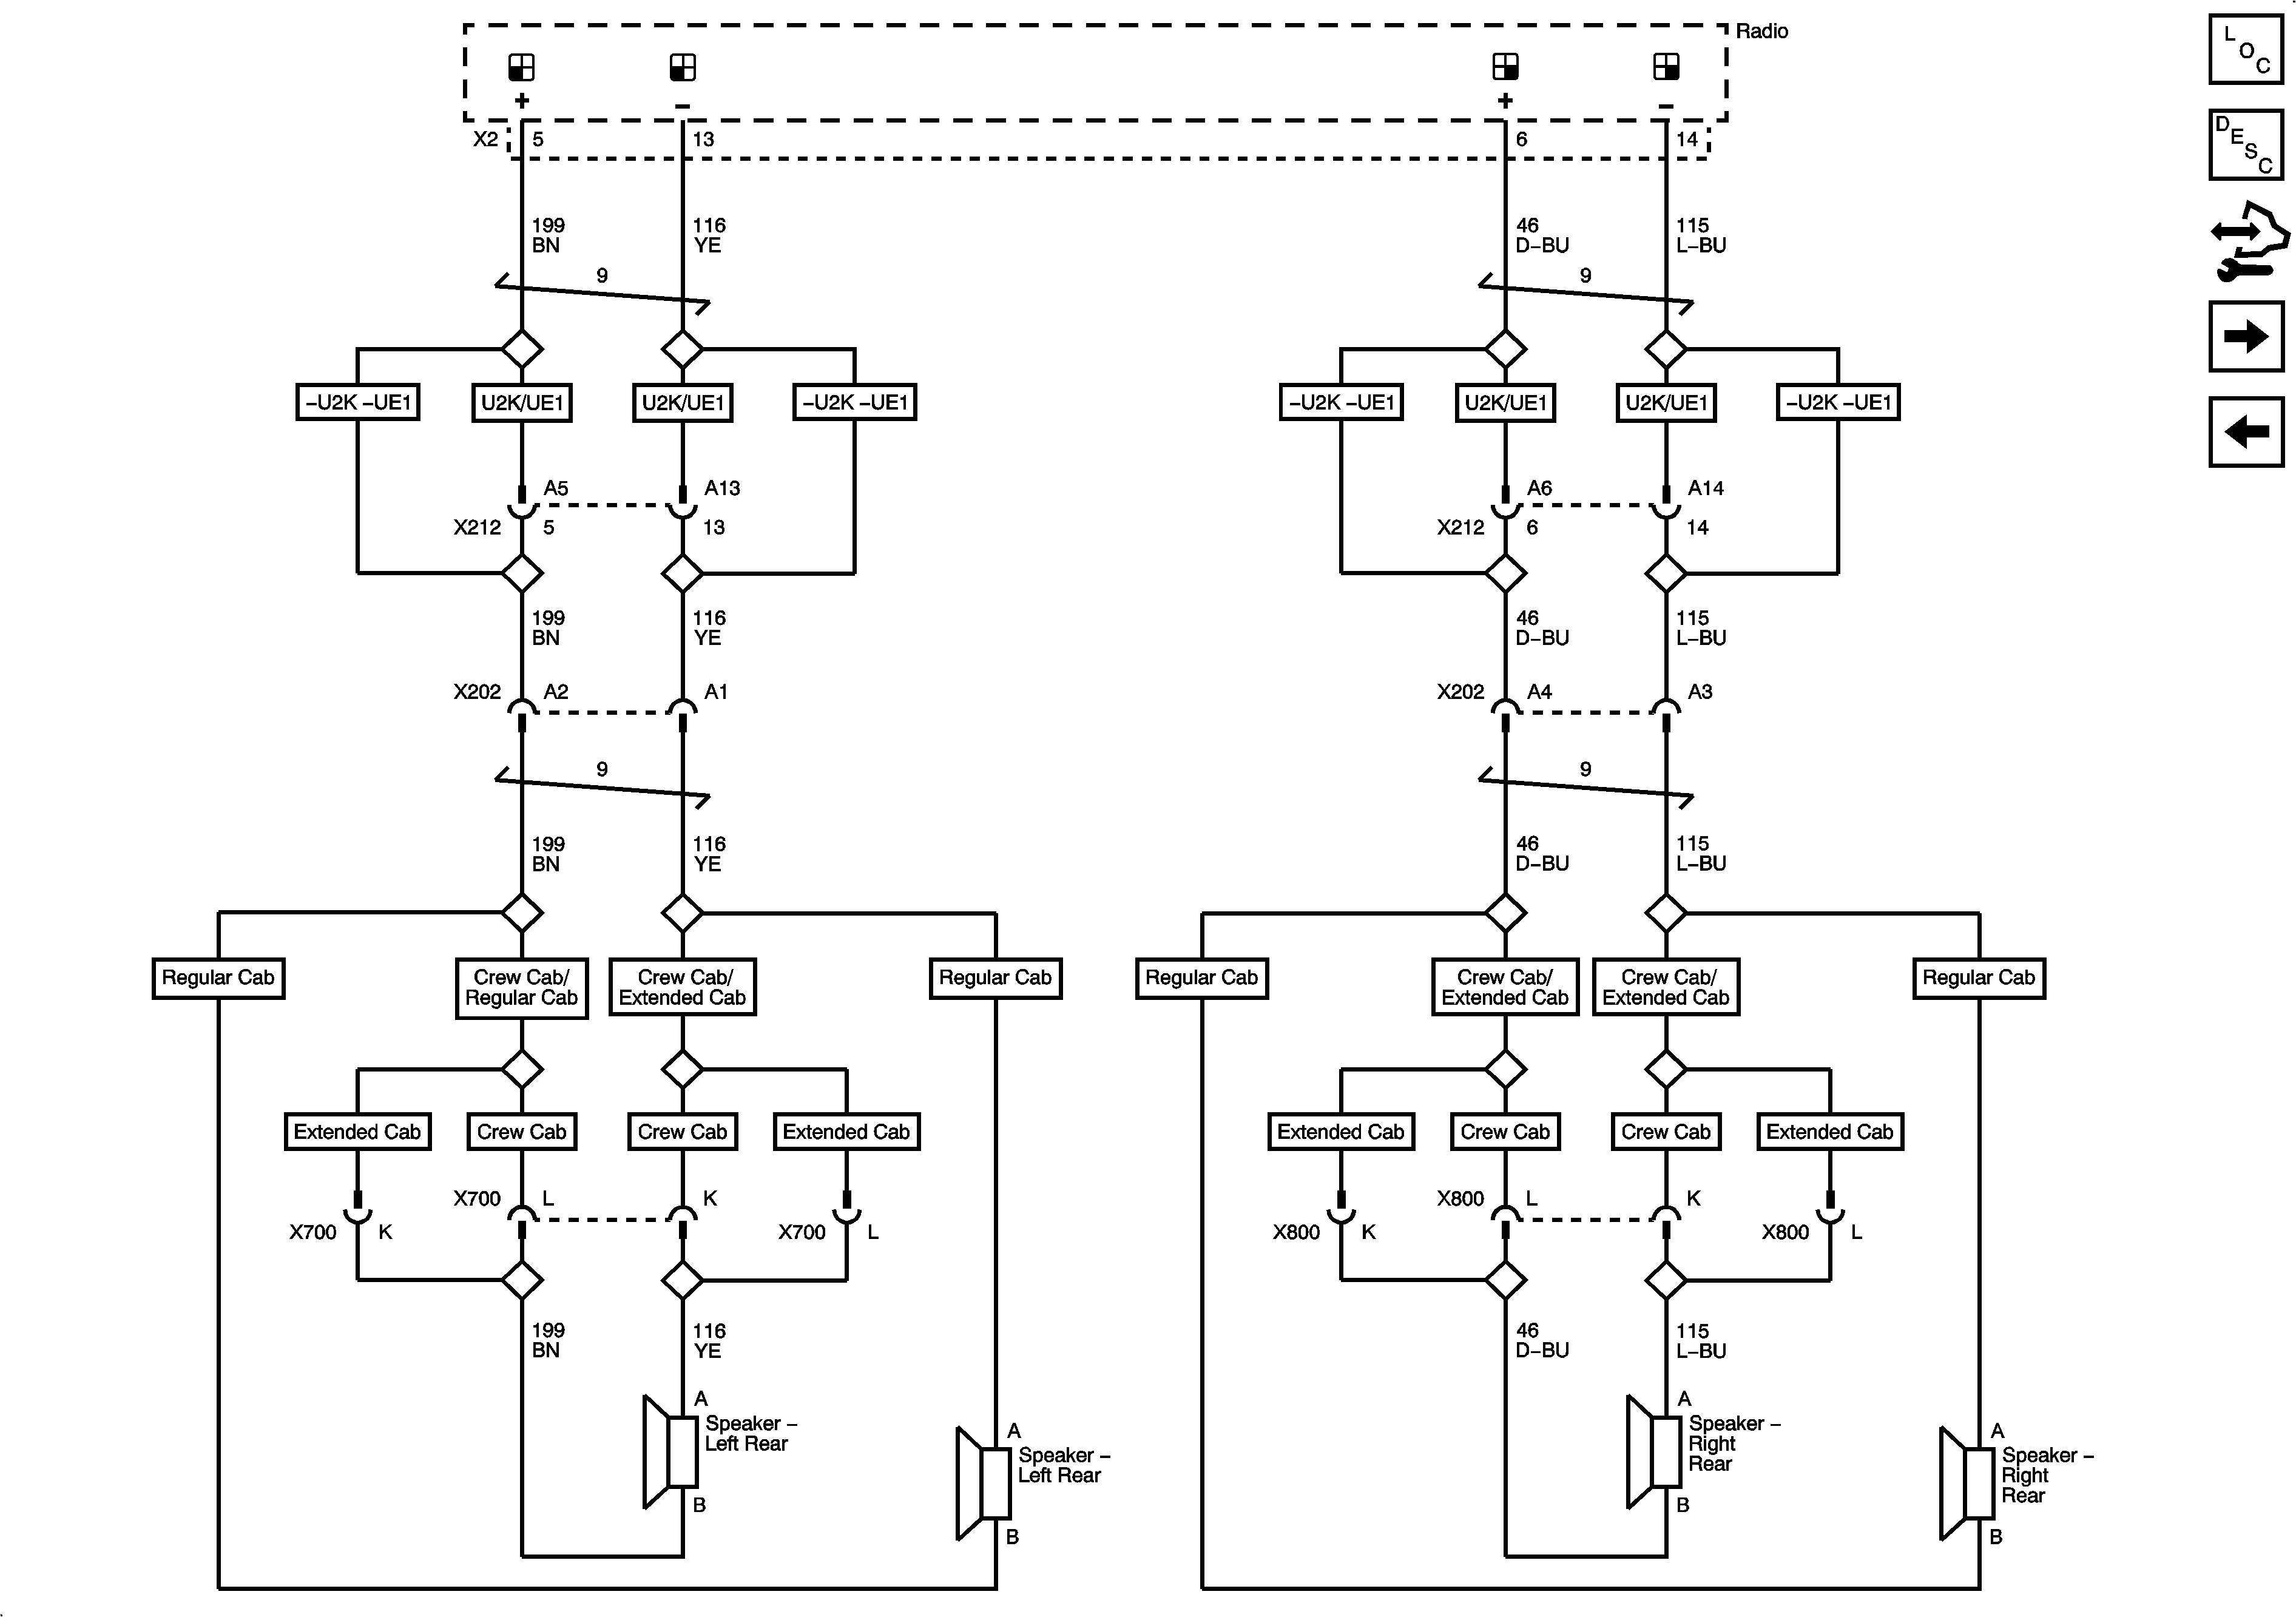 2007 chevy truck wiring wiring diagram schema 2007 chevy silverado wiring diagram 2007 chevy truck wiring diagram